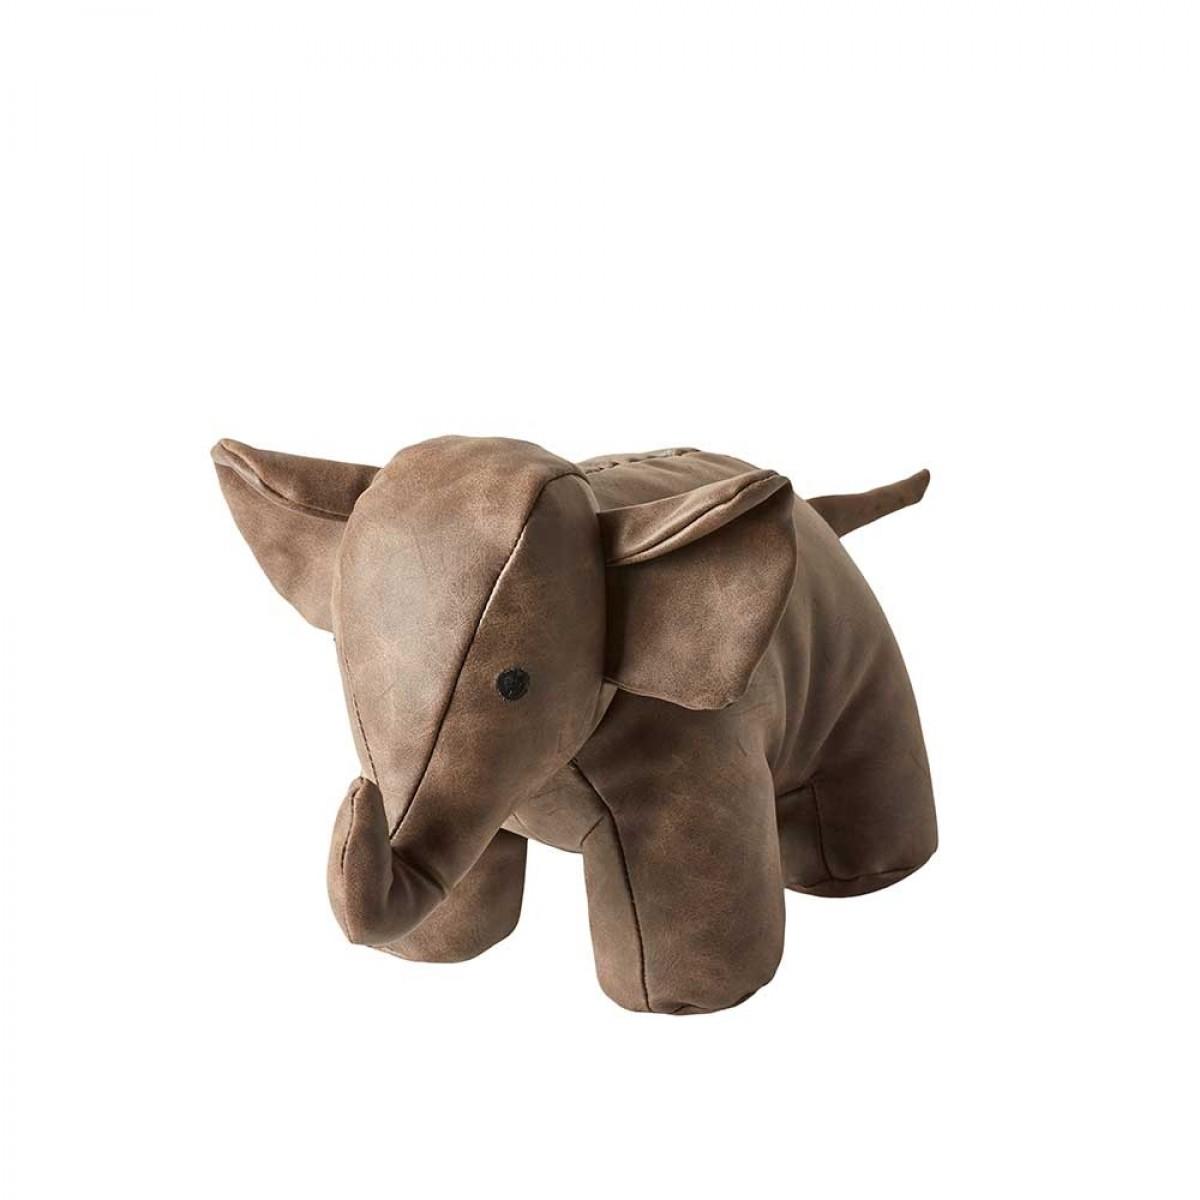 DACORE Dørstopper elefant brun 25 cm